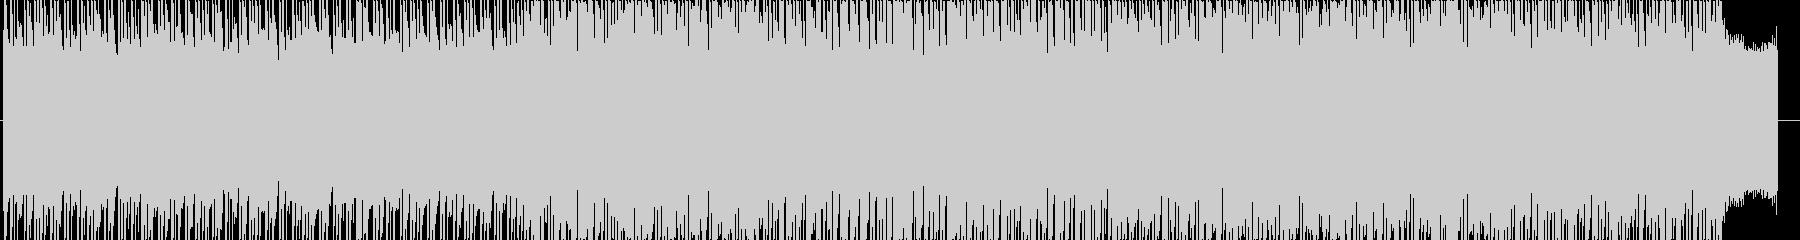 ☆YOU TUBE動画用☆陽気なピアノ曲の未再生の波形